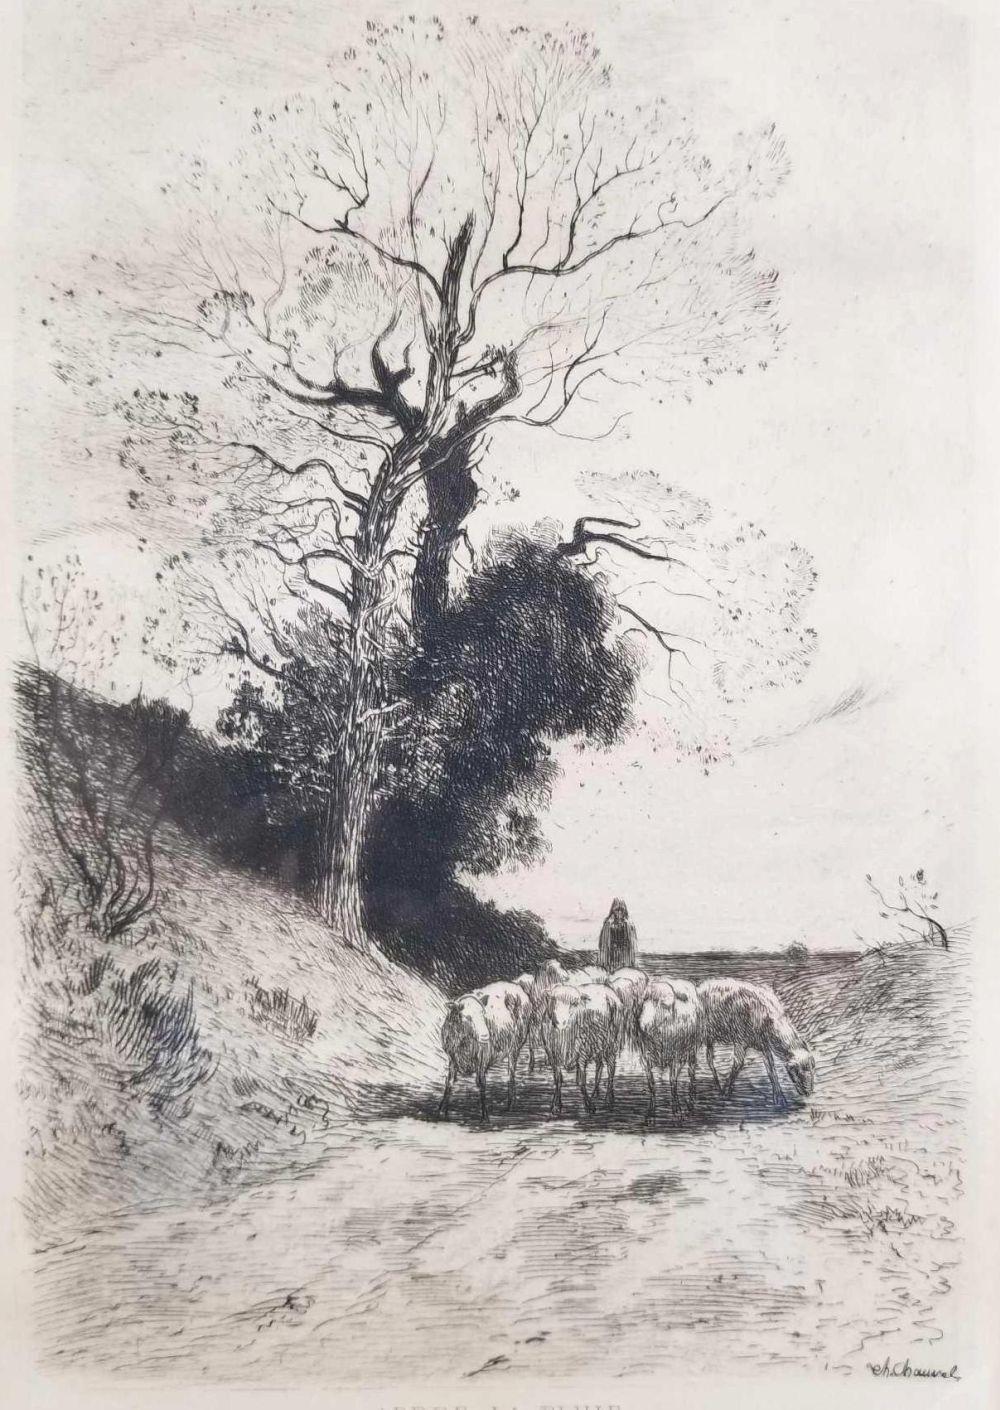 Lot 499: Theophile Navasse Chauvel Apres la Pluie Etching Art